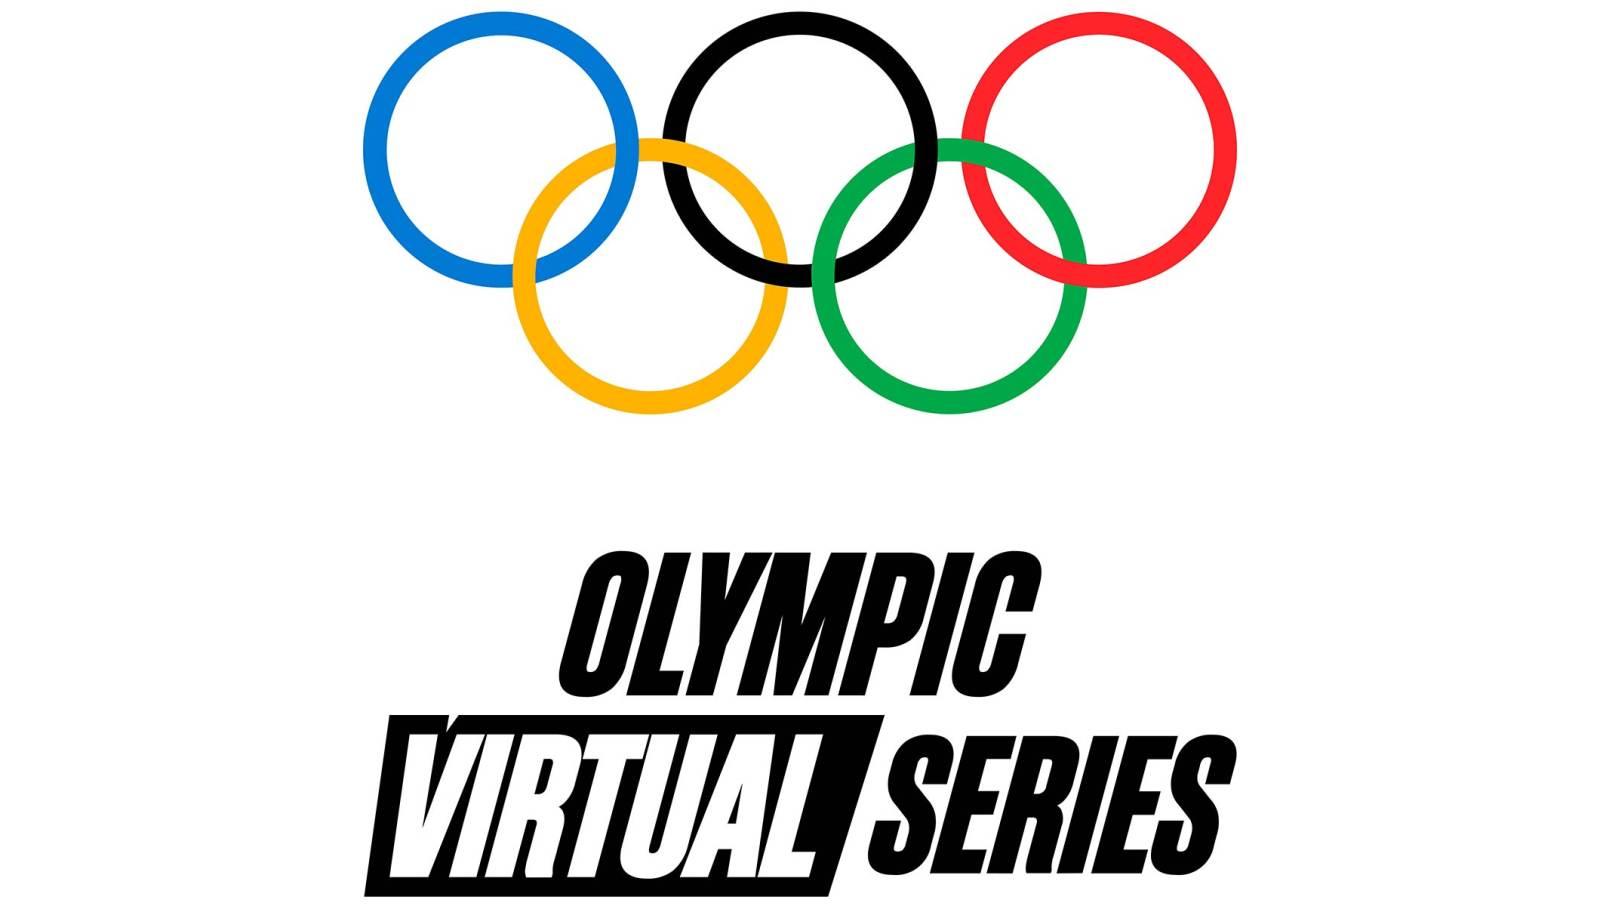 国际奥委会宣布线上虚拟赛事Olympic Virtual Series将于5月开幕